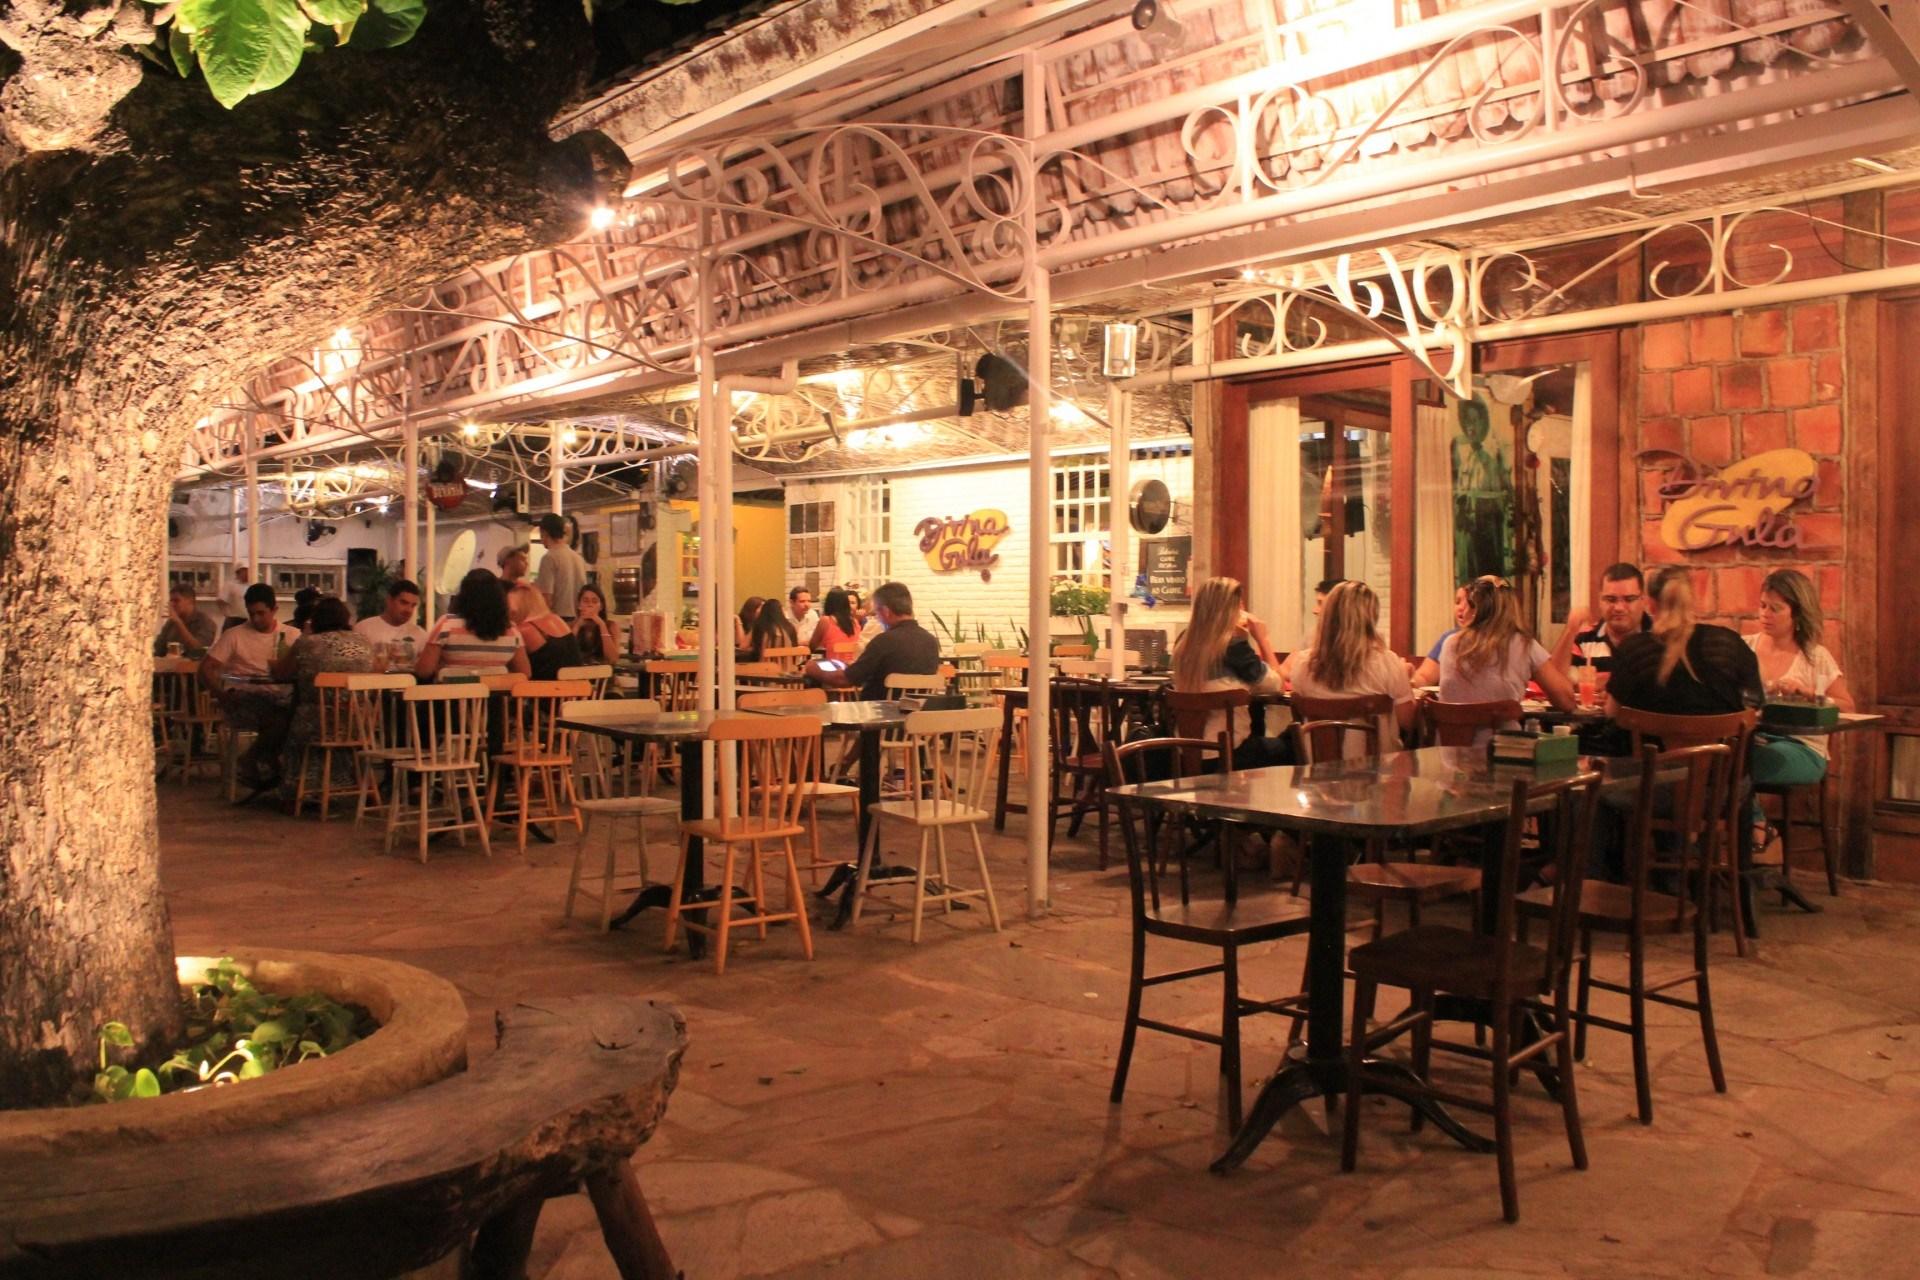 Área interna do Restaurante Divina Gula em Maceió Alagoas